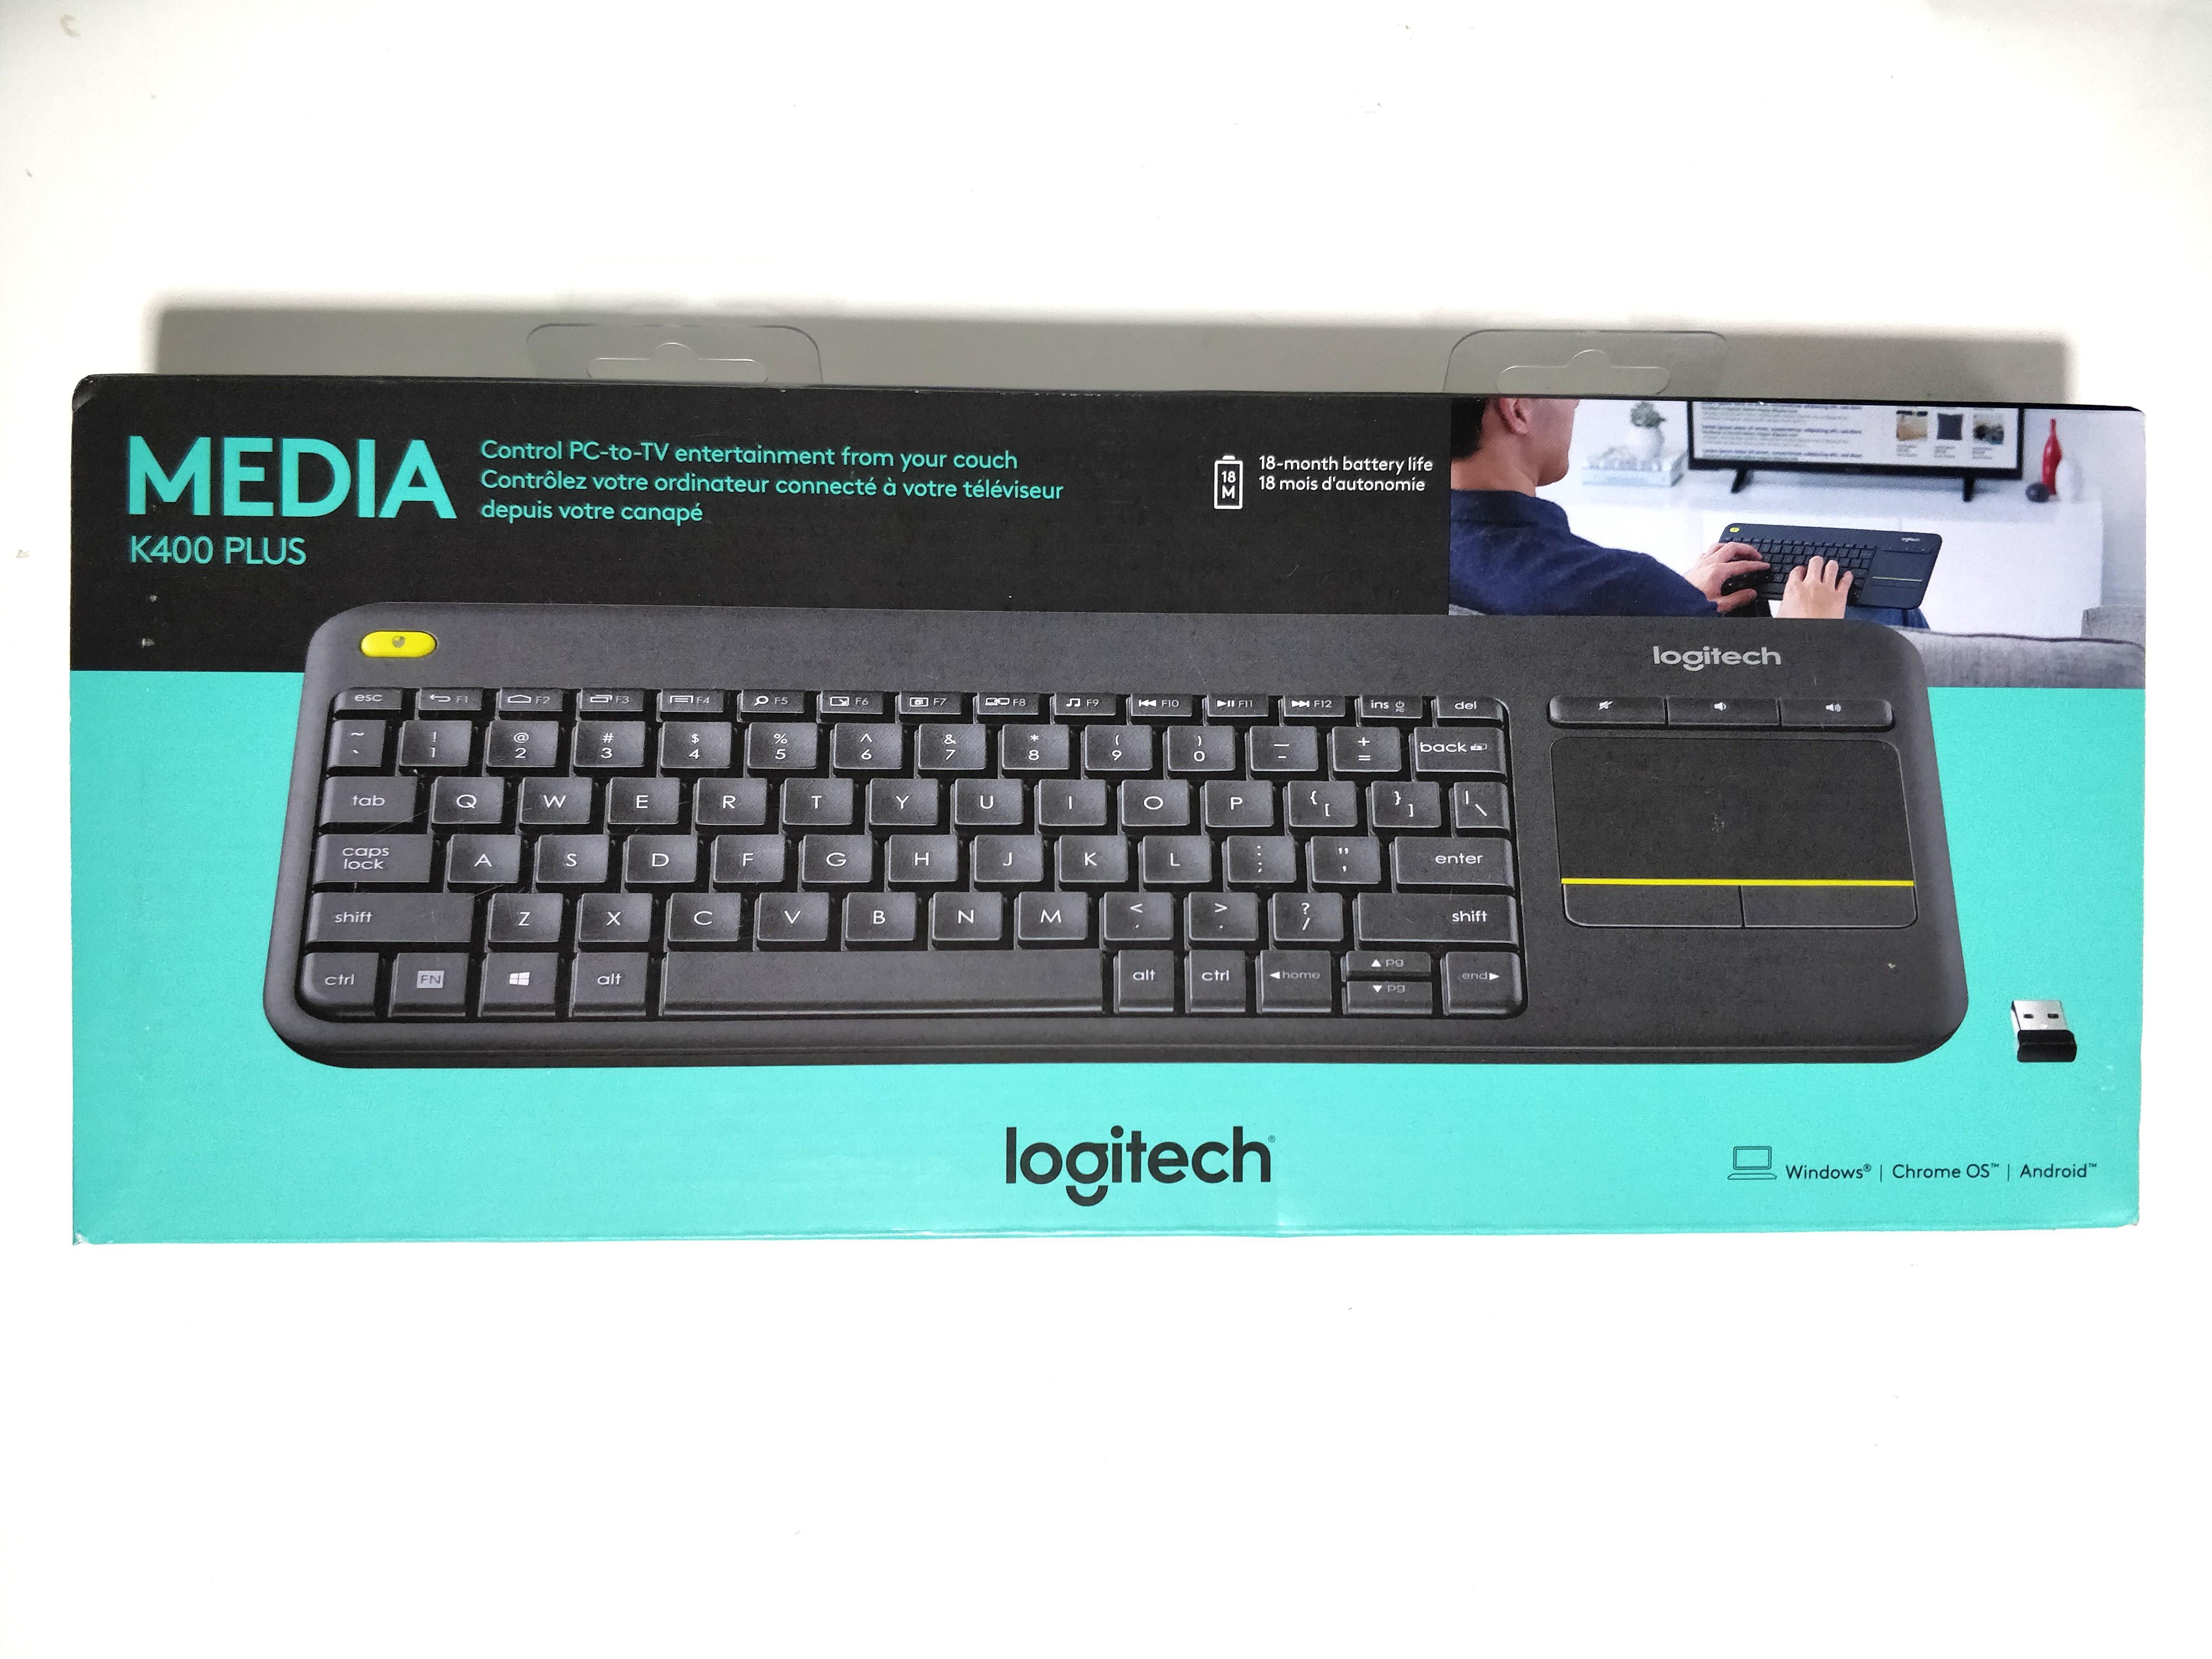 ⌨Logitech Keyboard K400 Plus Wireless USB Keyboard For TV